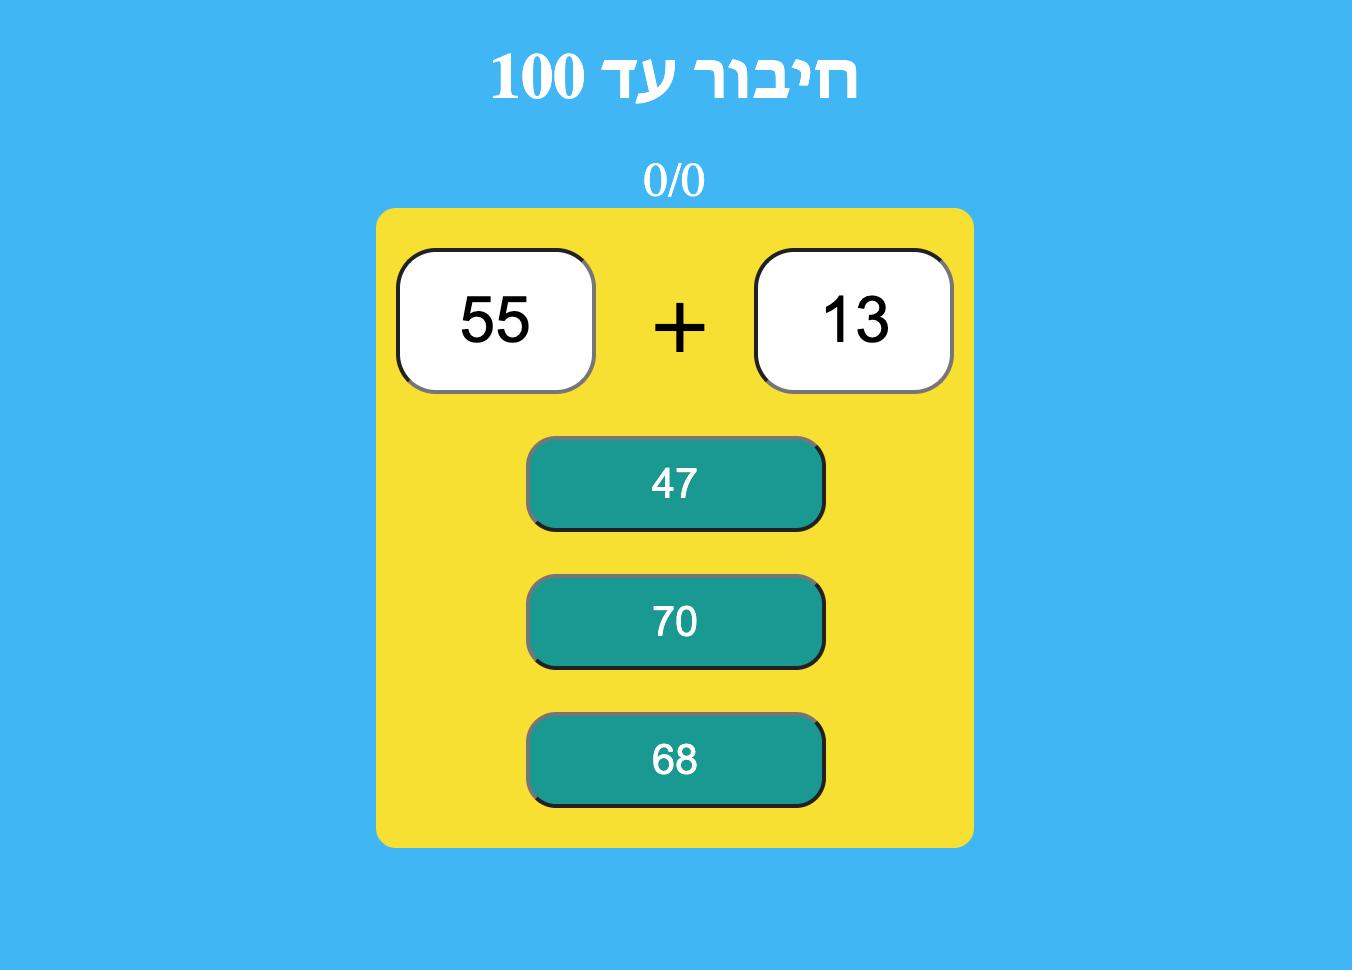 משחק חיבור עד 100 לכיתות ב׳ וג׳